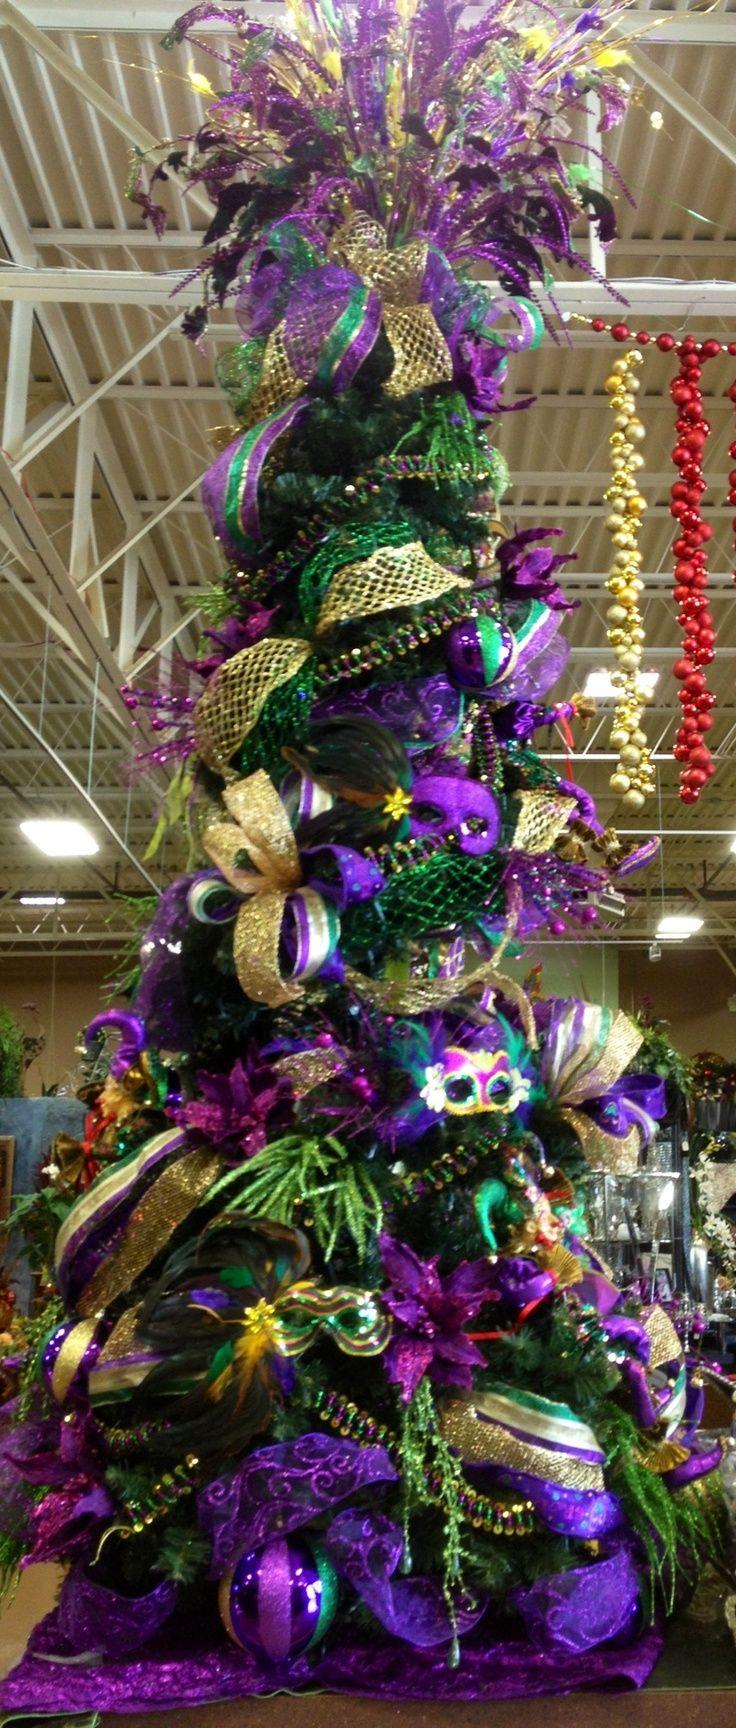 mardi gras christmas tree decorations | mardi gras tree | mardi~gras